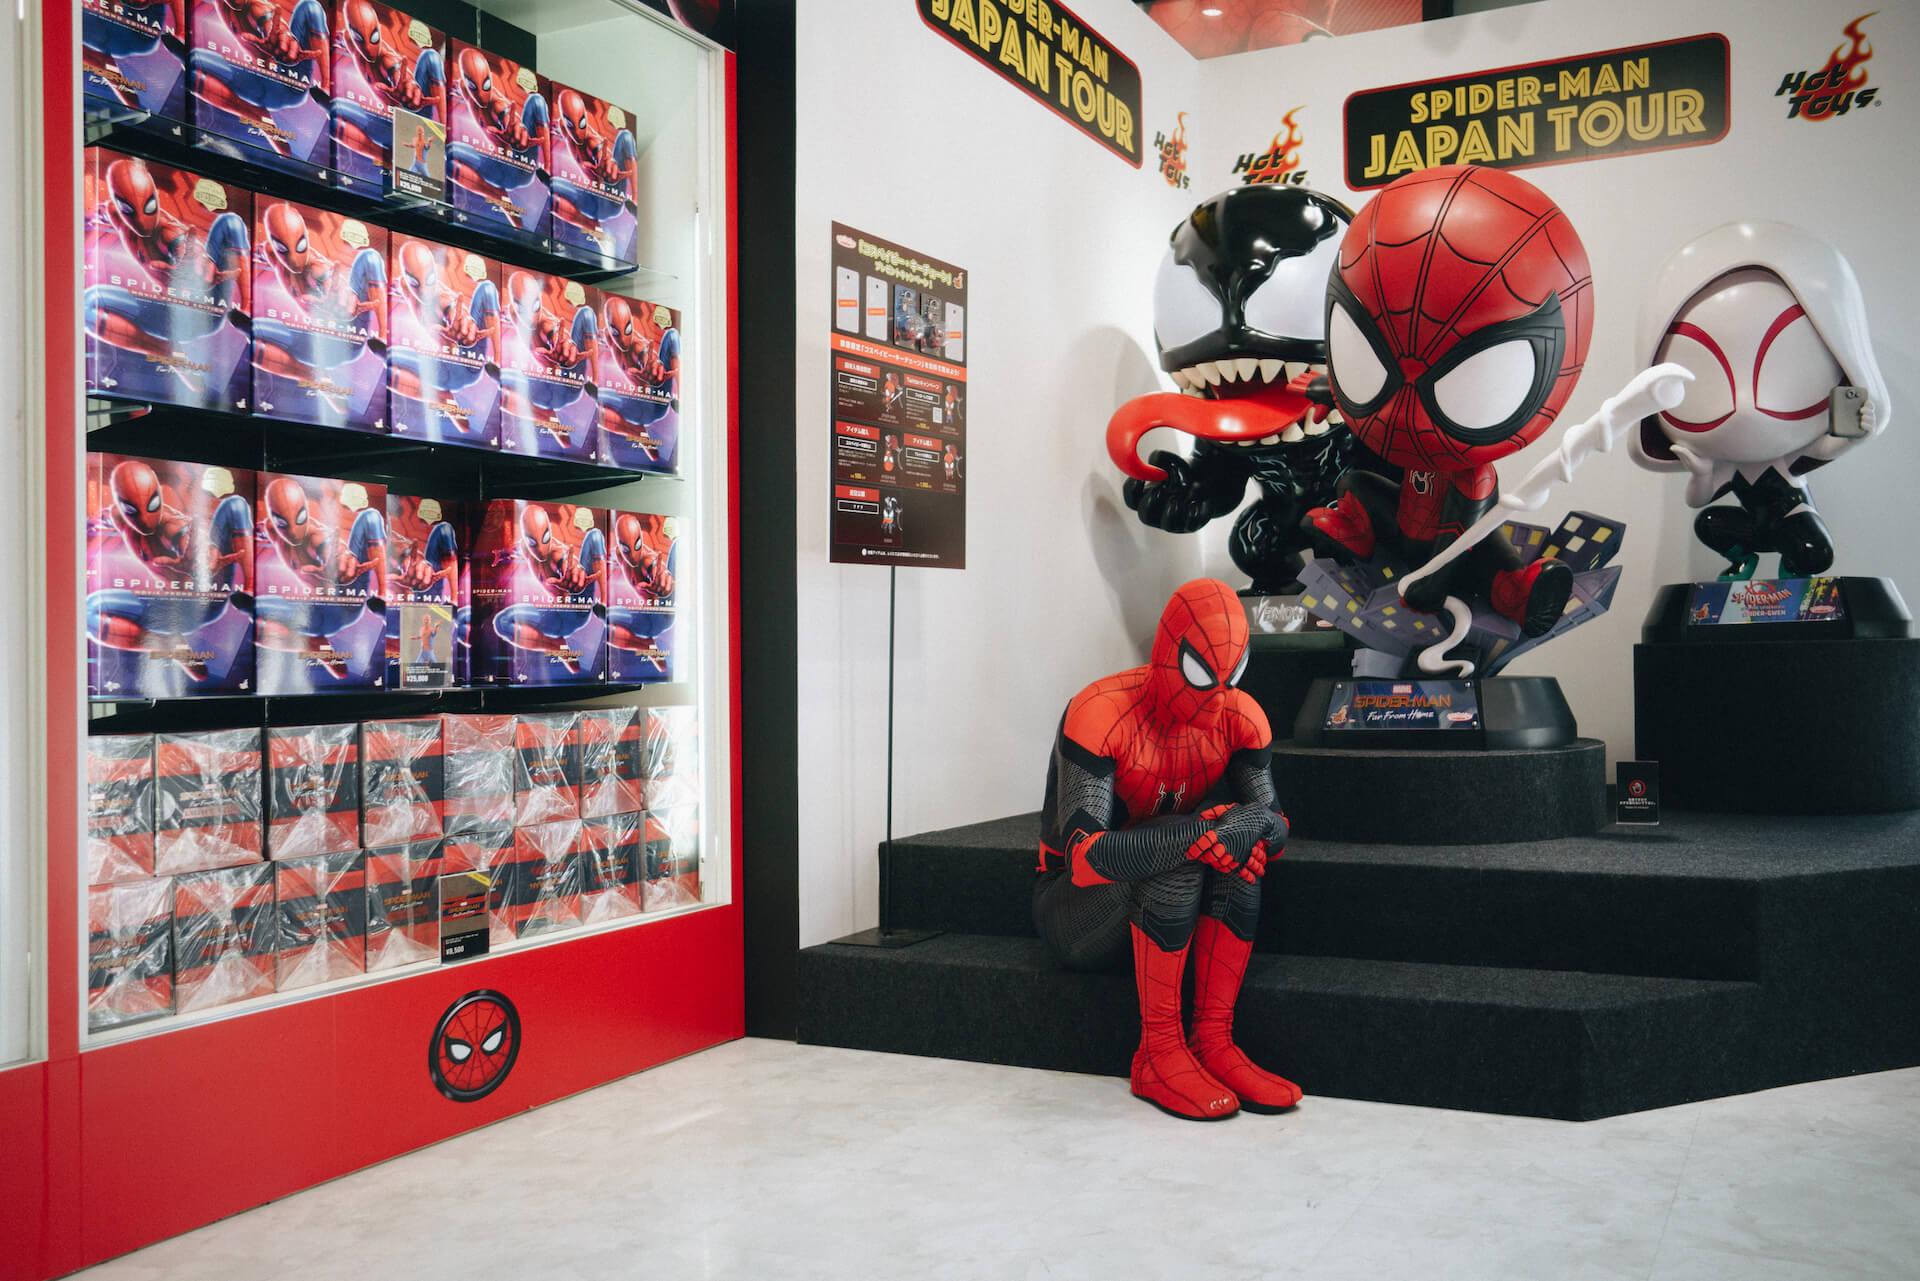 スパイダーマン好きなら目ギラギラ大興奮必至の期間限定ショップ探訪 art-culture-spiderman-store-report-9